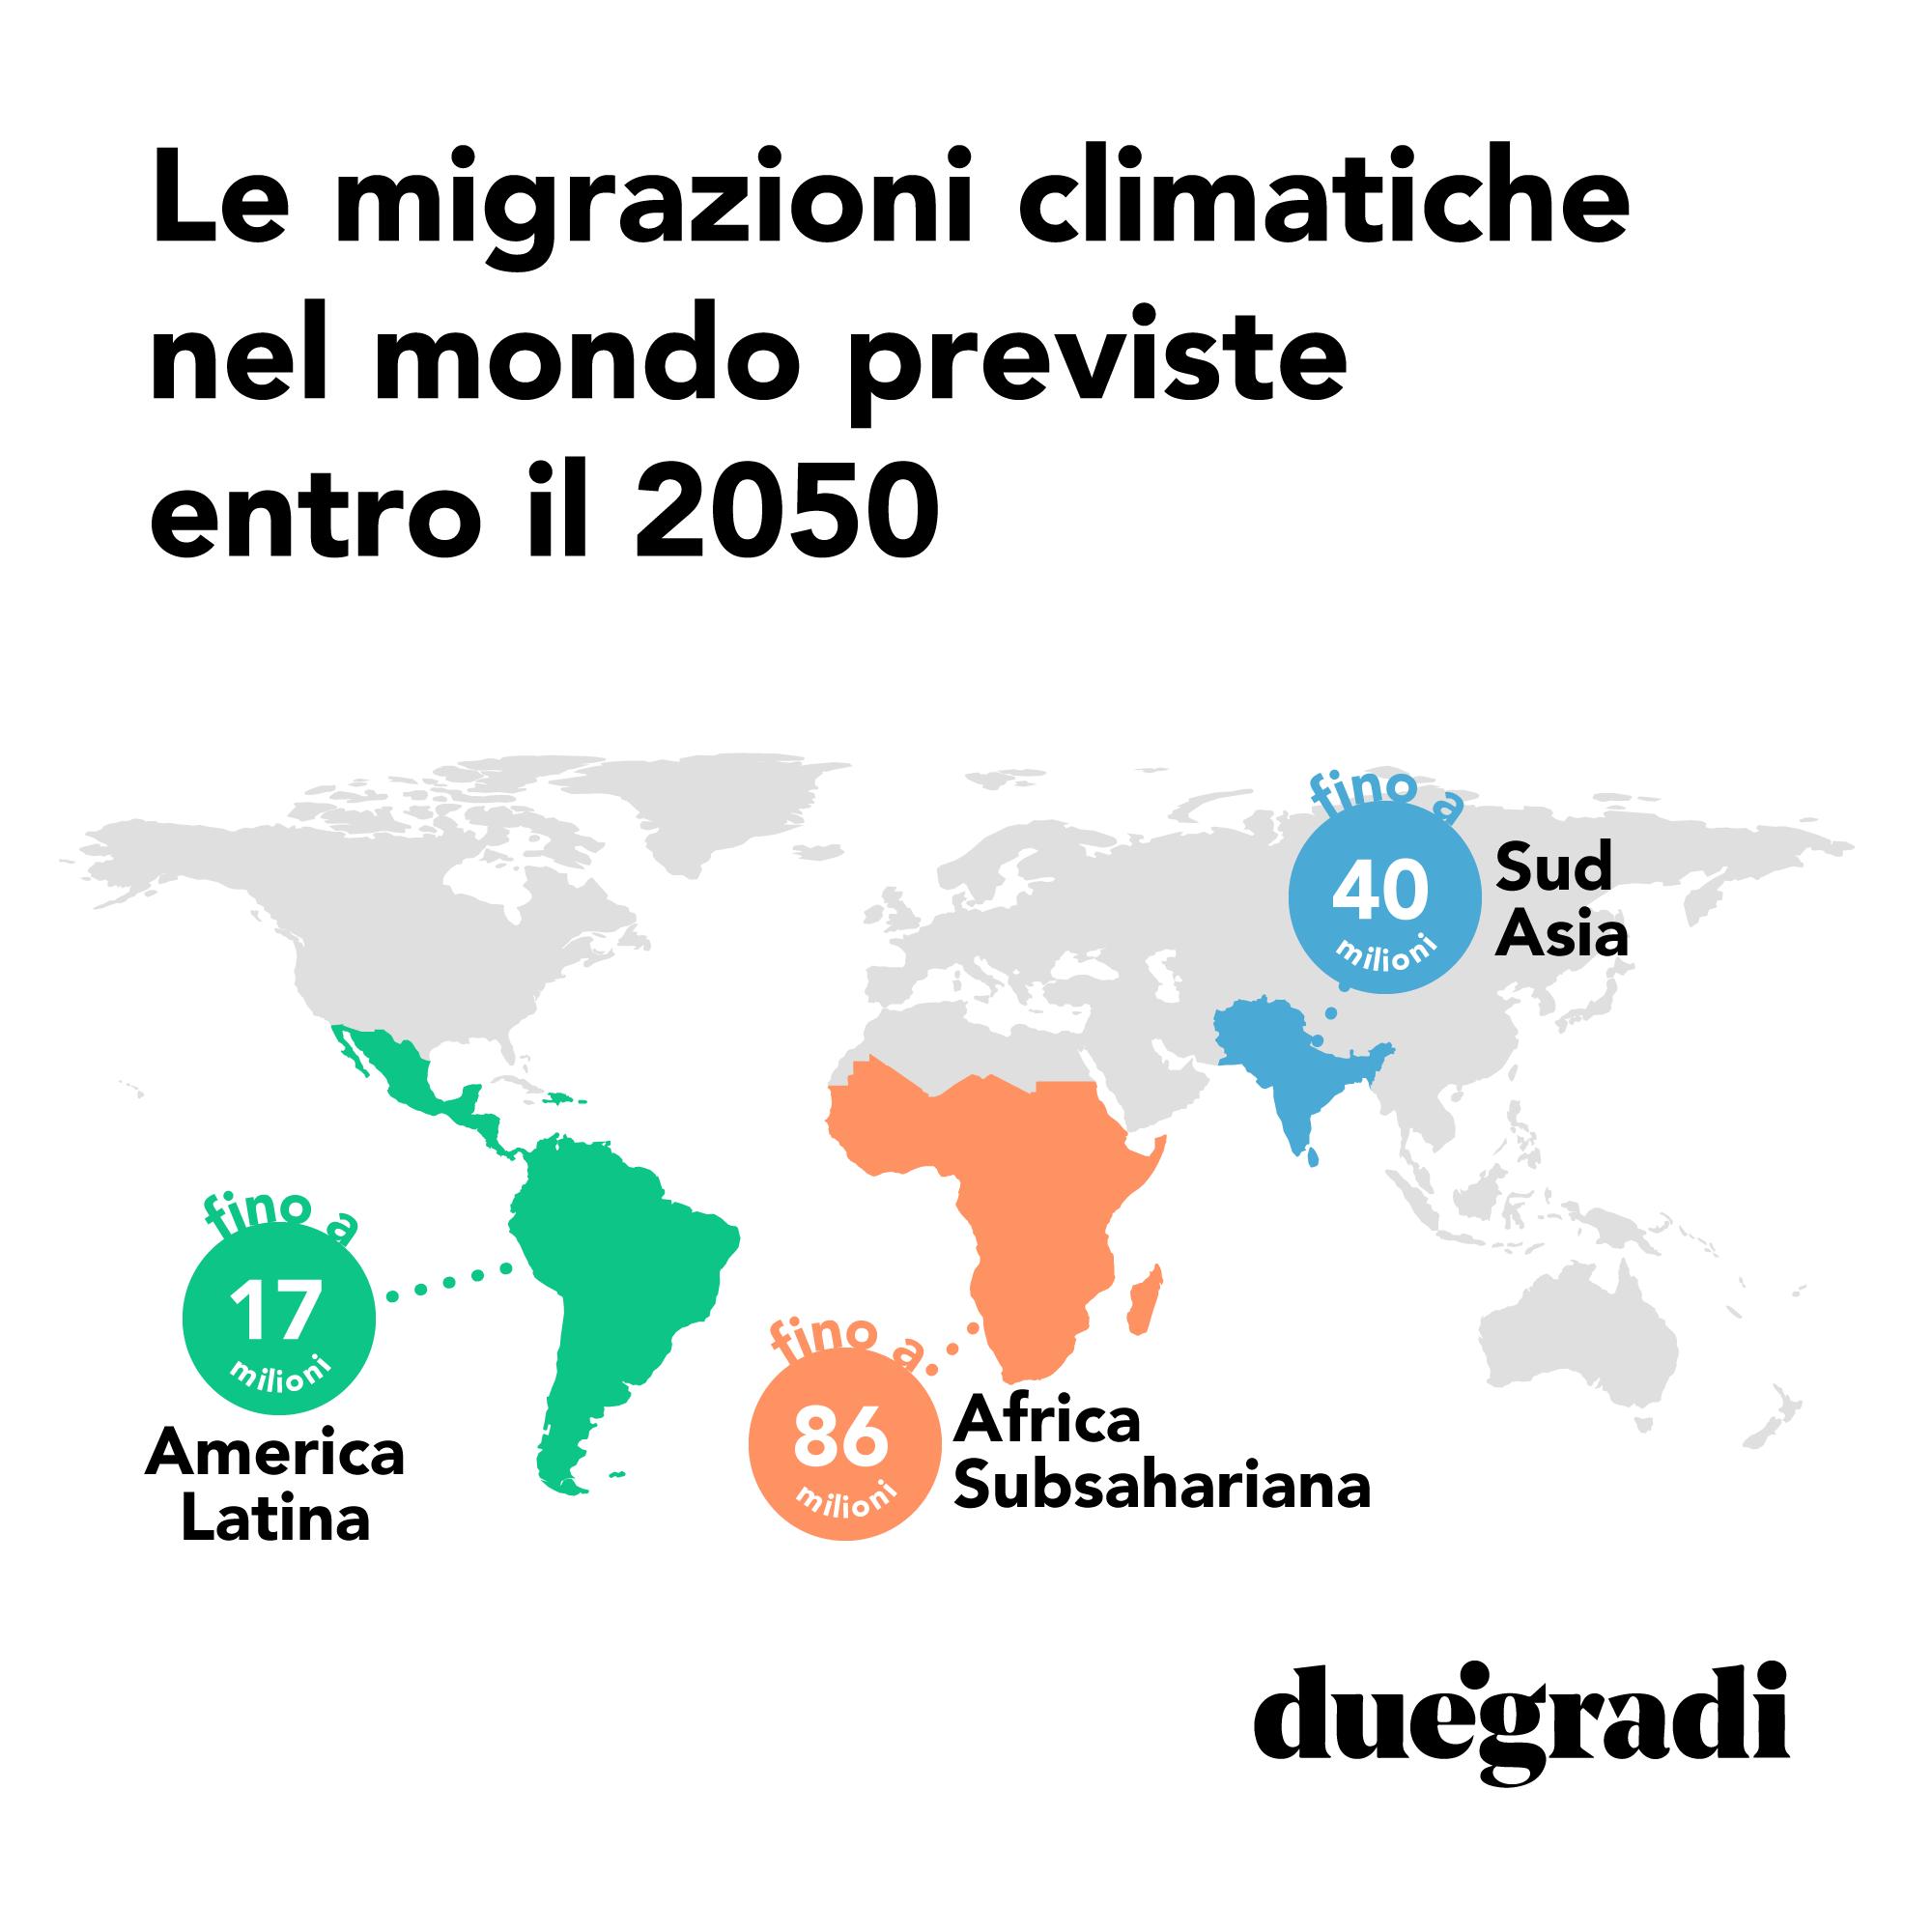 Migrazioni climatiche previste nel mondo entro il 2050